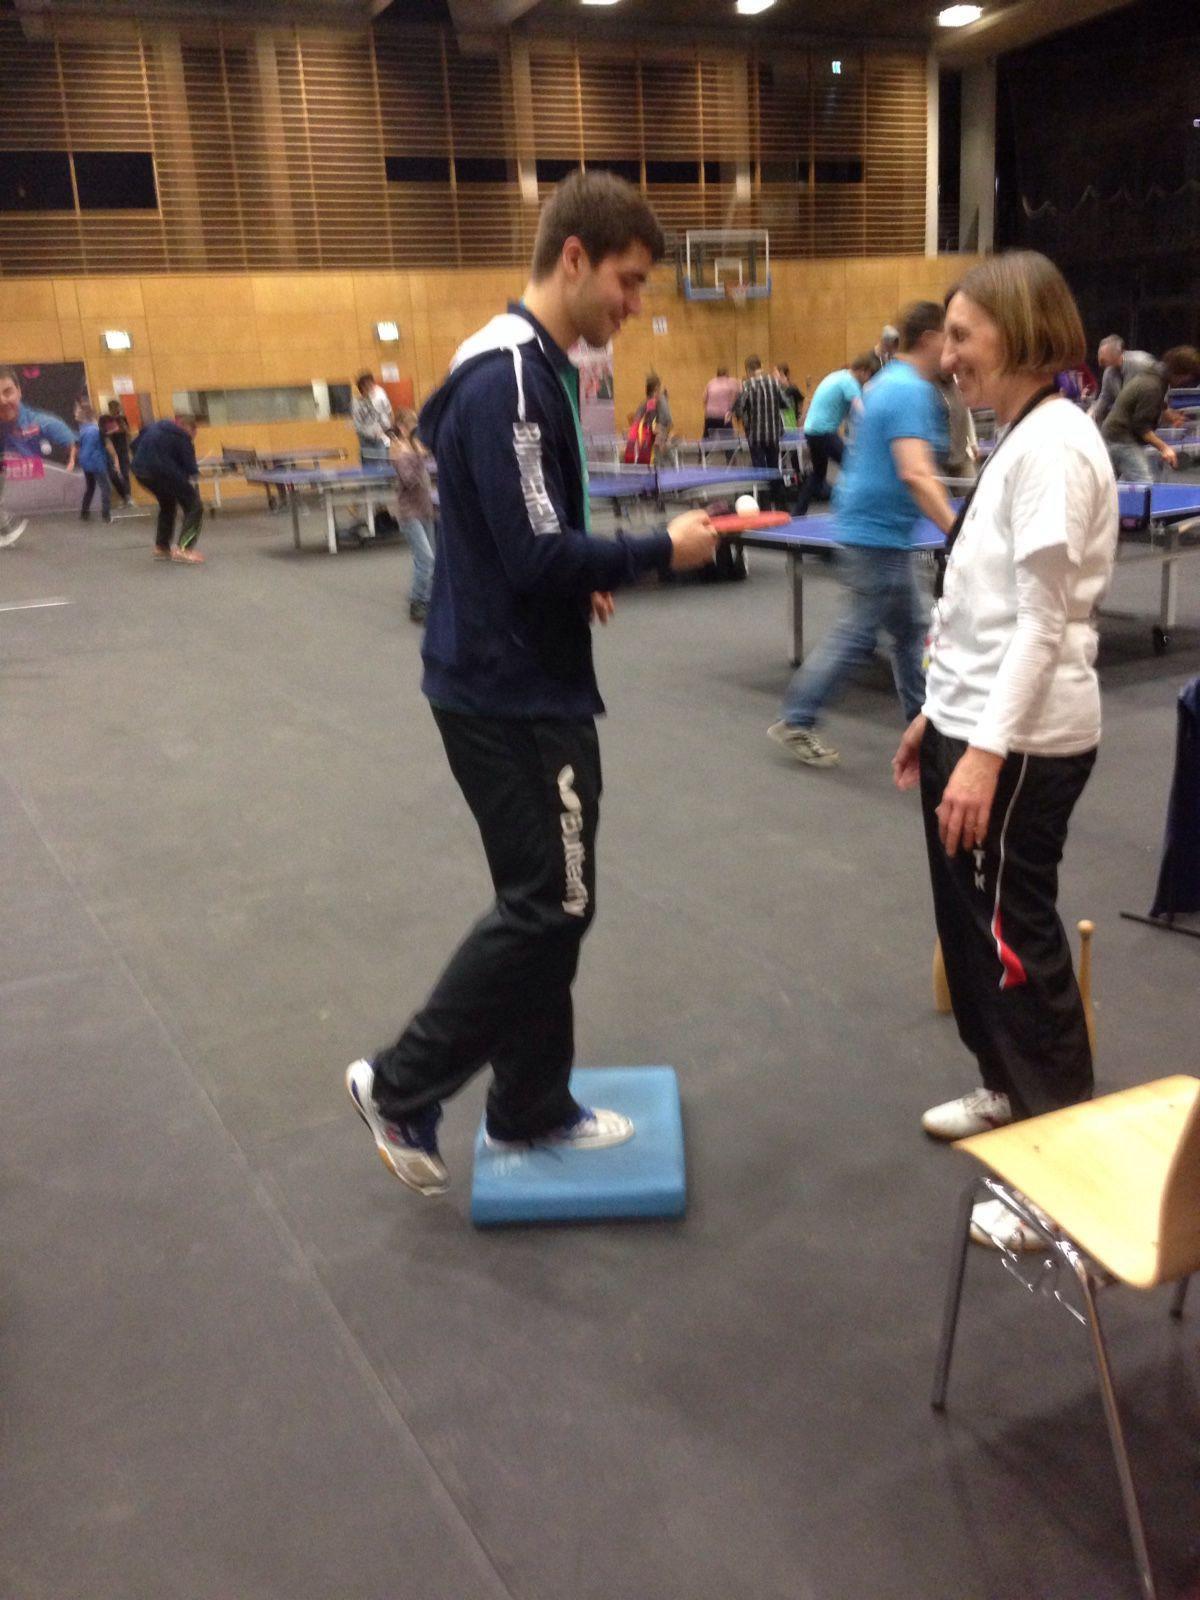 Auch Nationalspieler Patrick Franziska absolviert den Fitnesstest beim Gesundheitssportstand mit Margrit (Foto: Nittka)